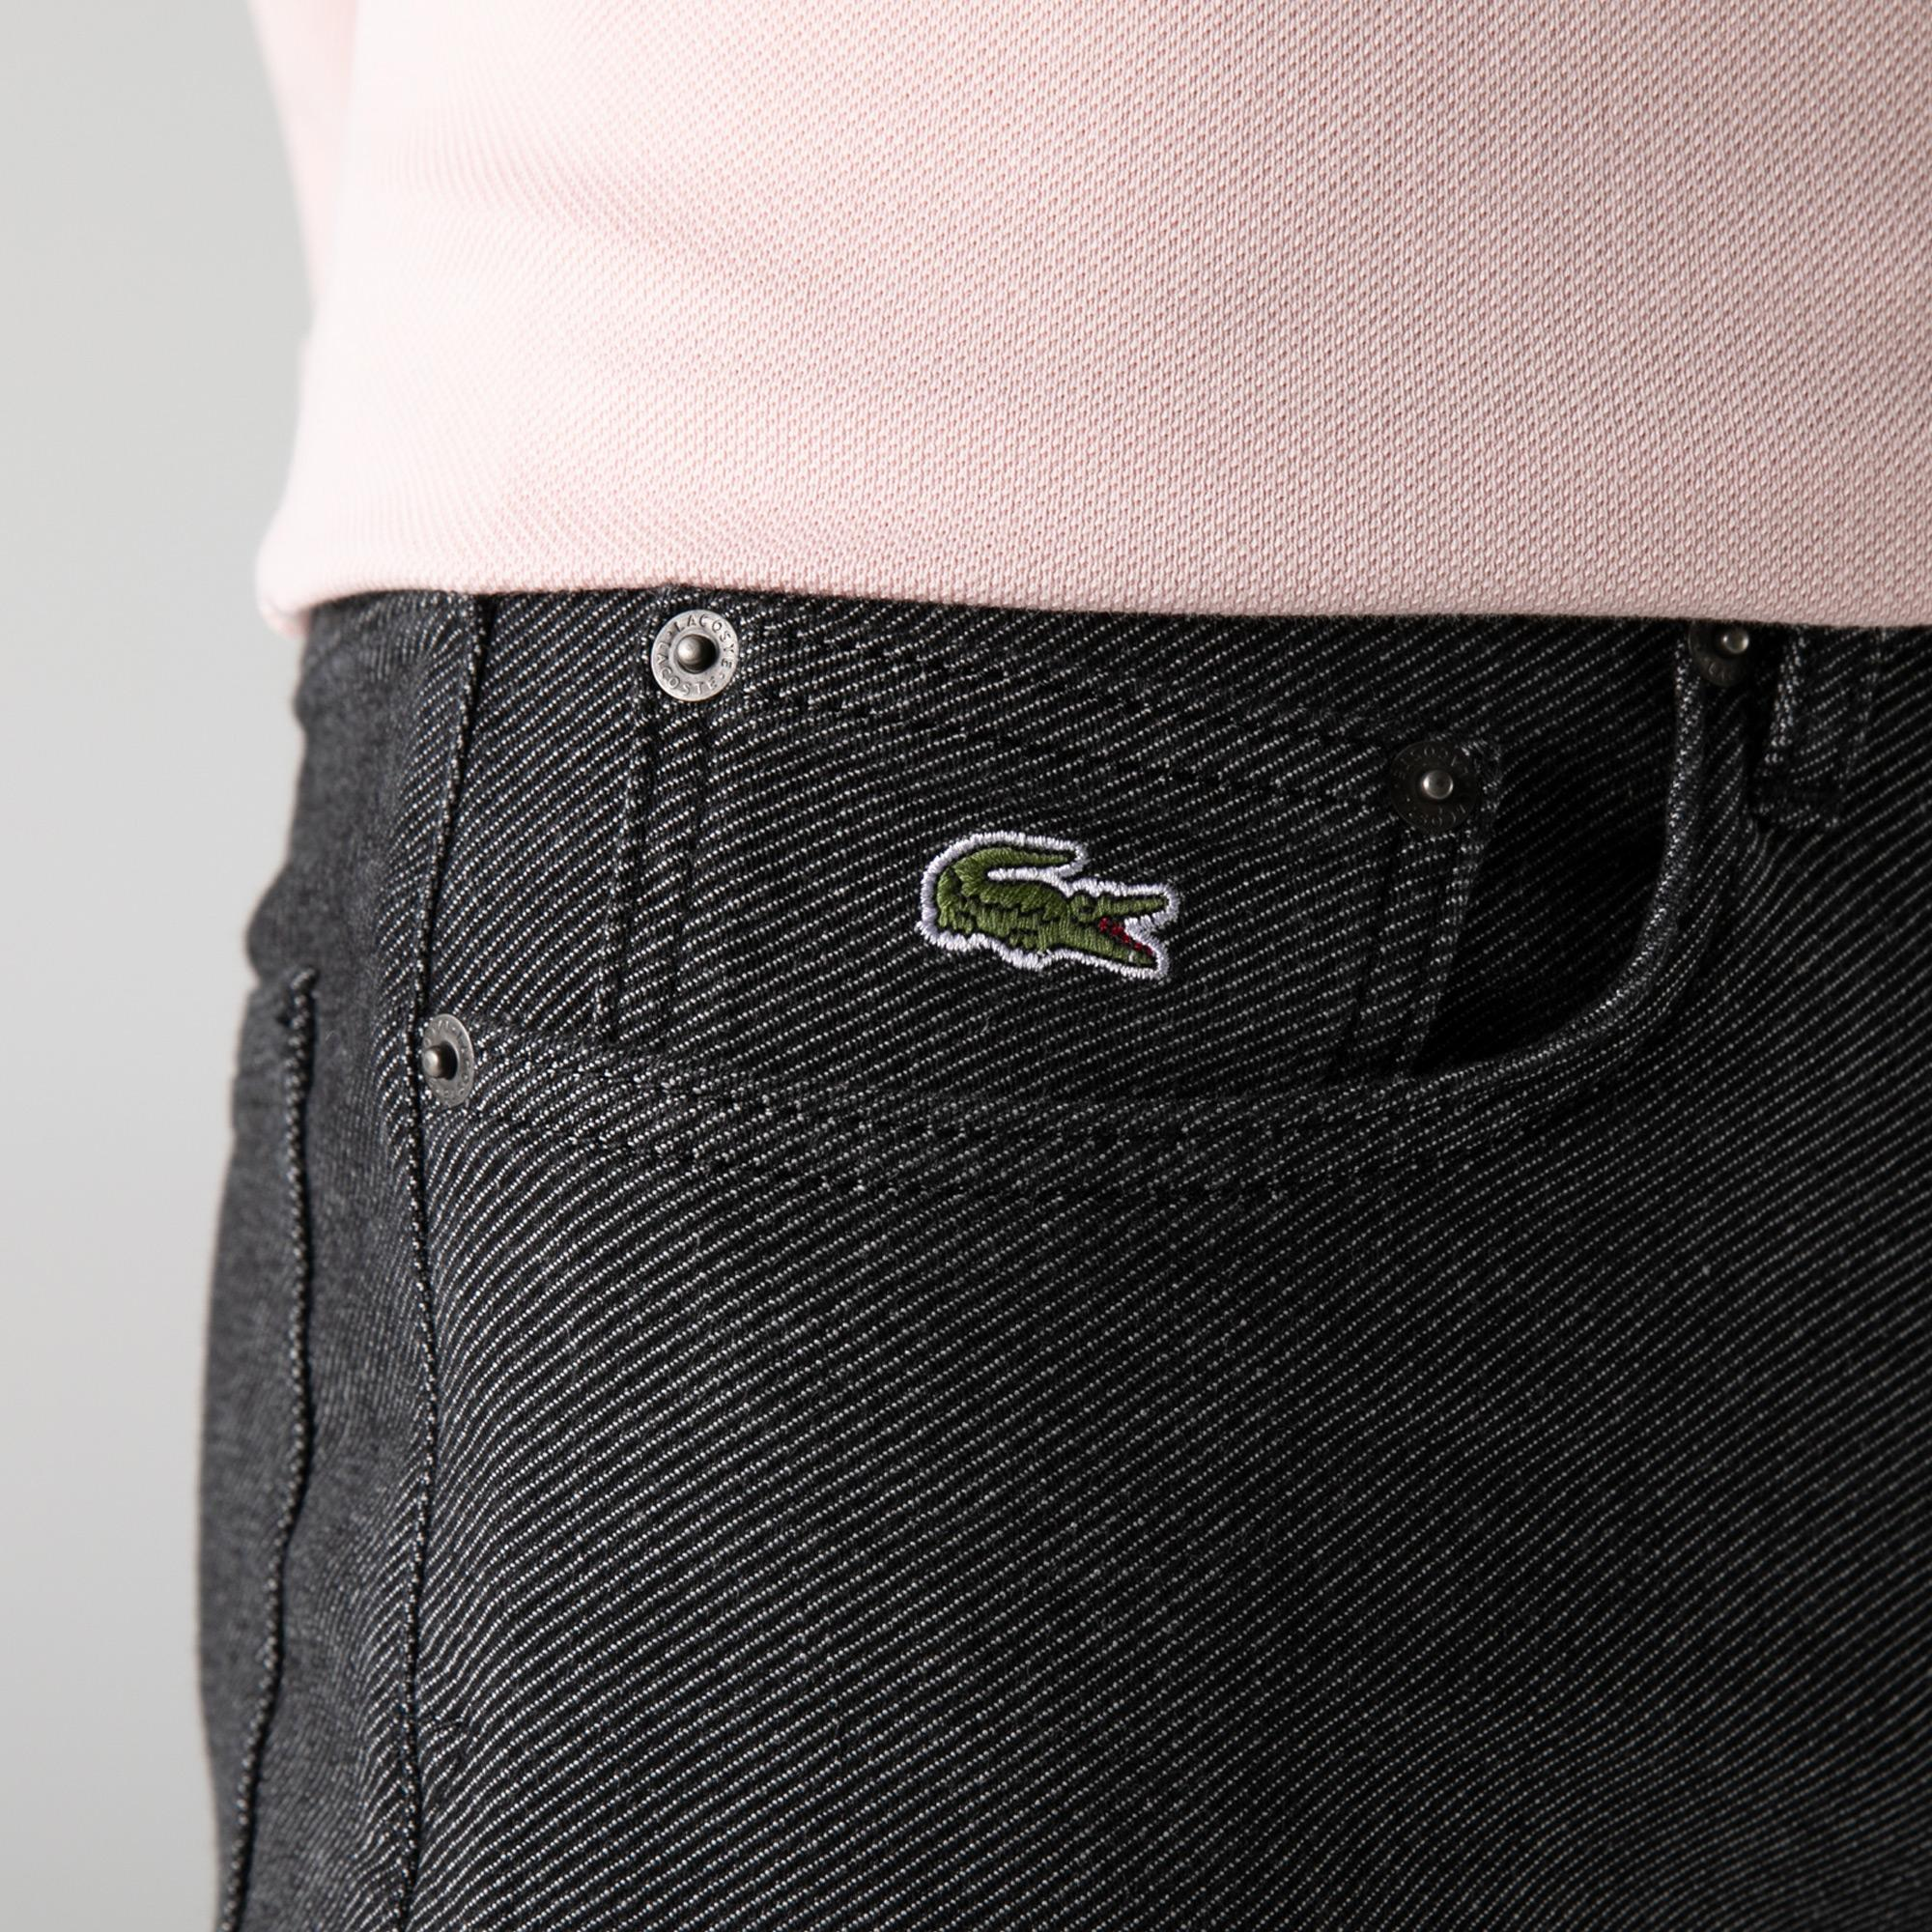 Lacoste Men's Slim Fit Denim Trousers